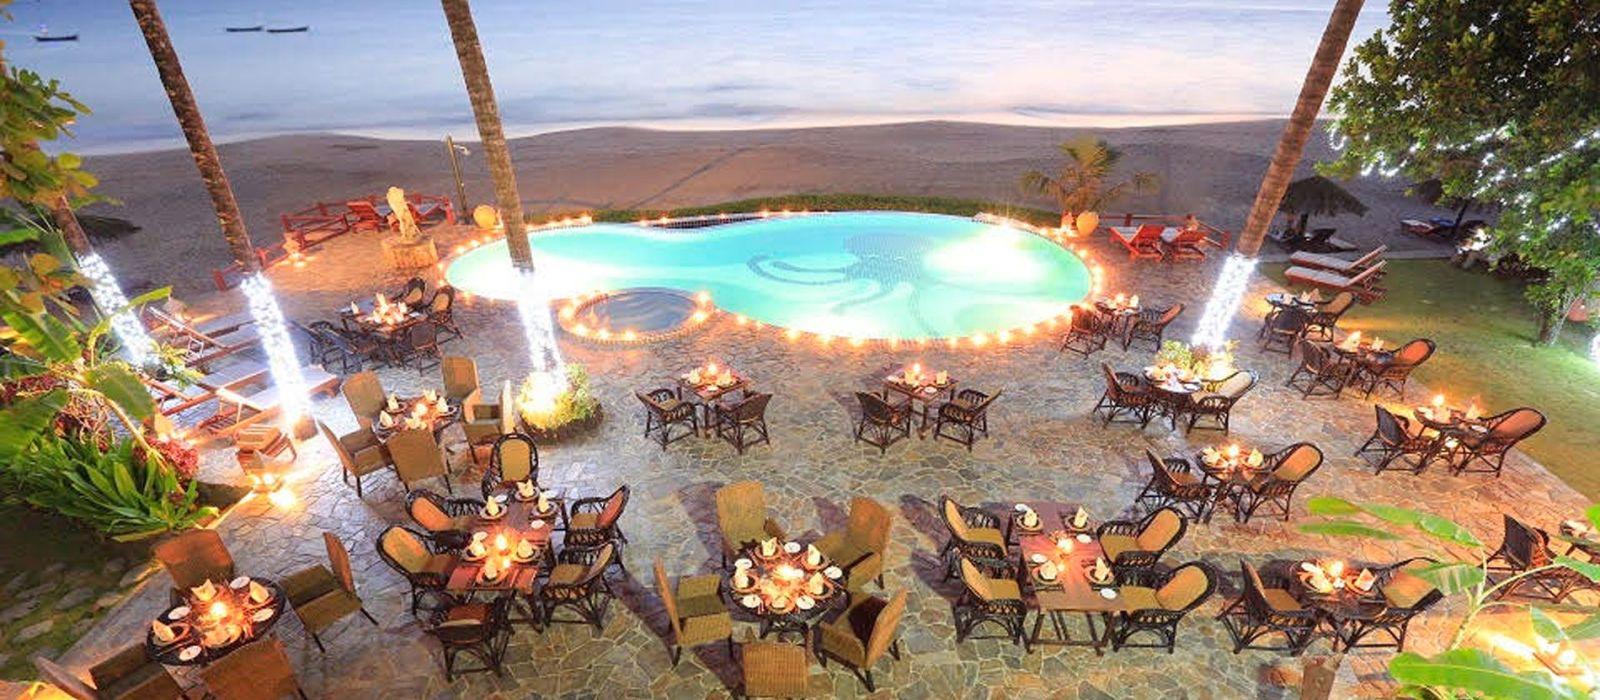 Hotel Amazing Resort (Ngapali Beach) Myanmar